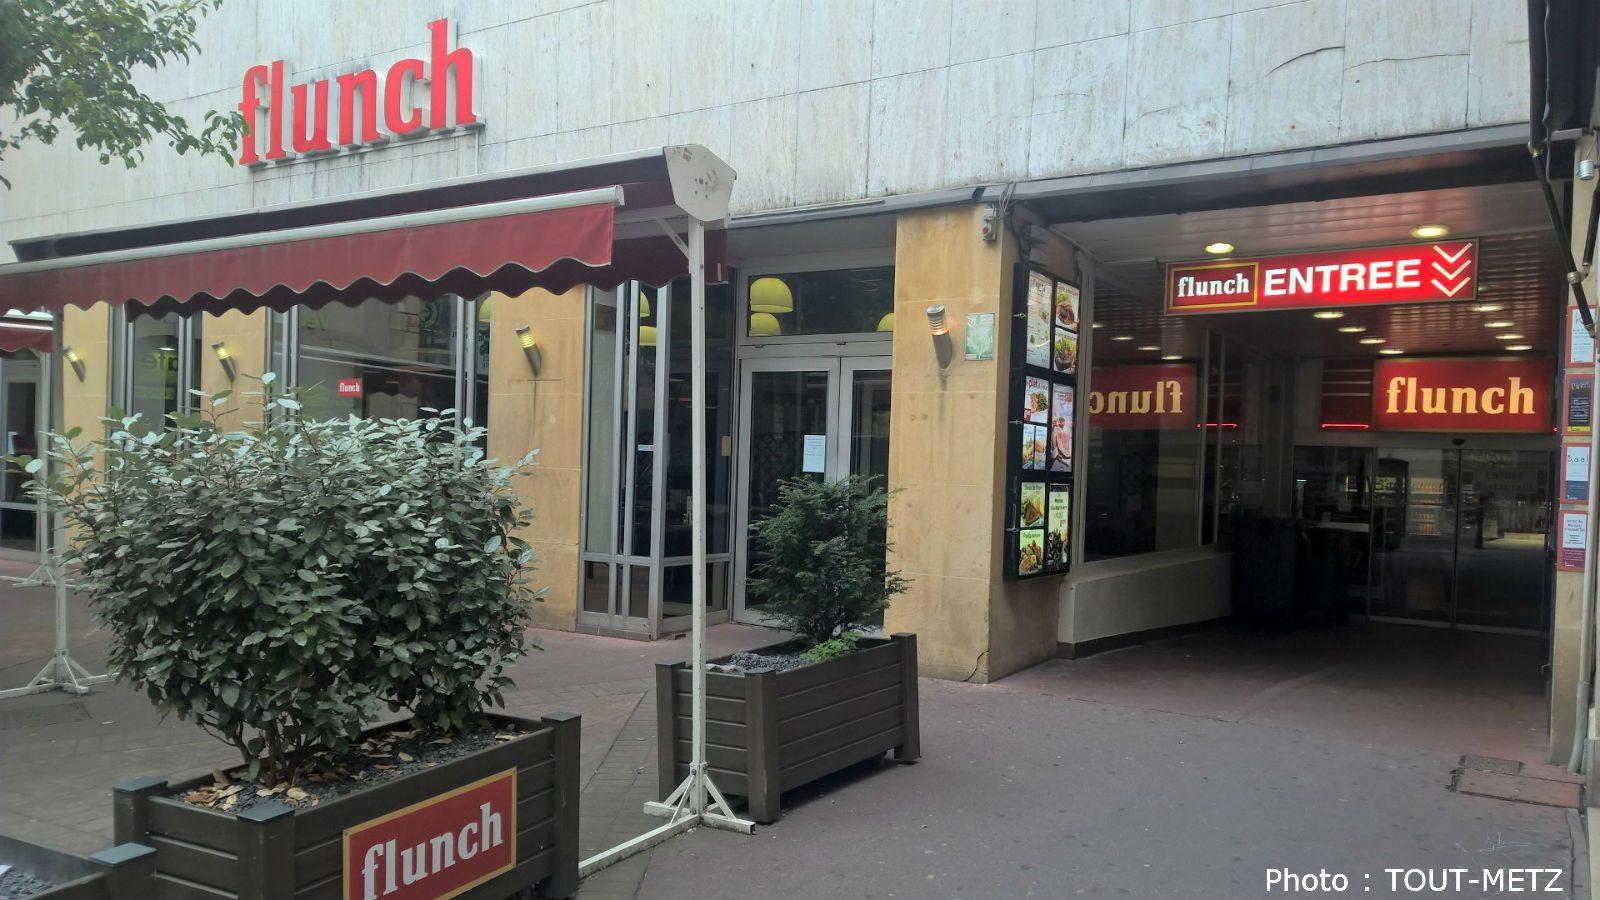 Fermeture du Flunch à Metz : une vingtaine de salariés en reclassement